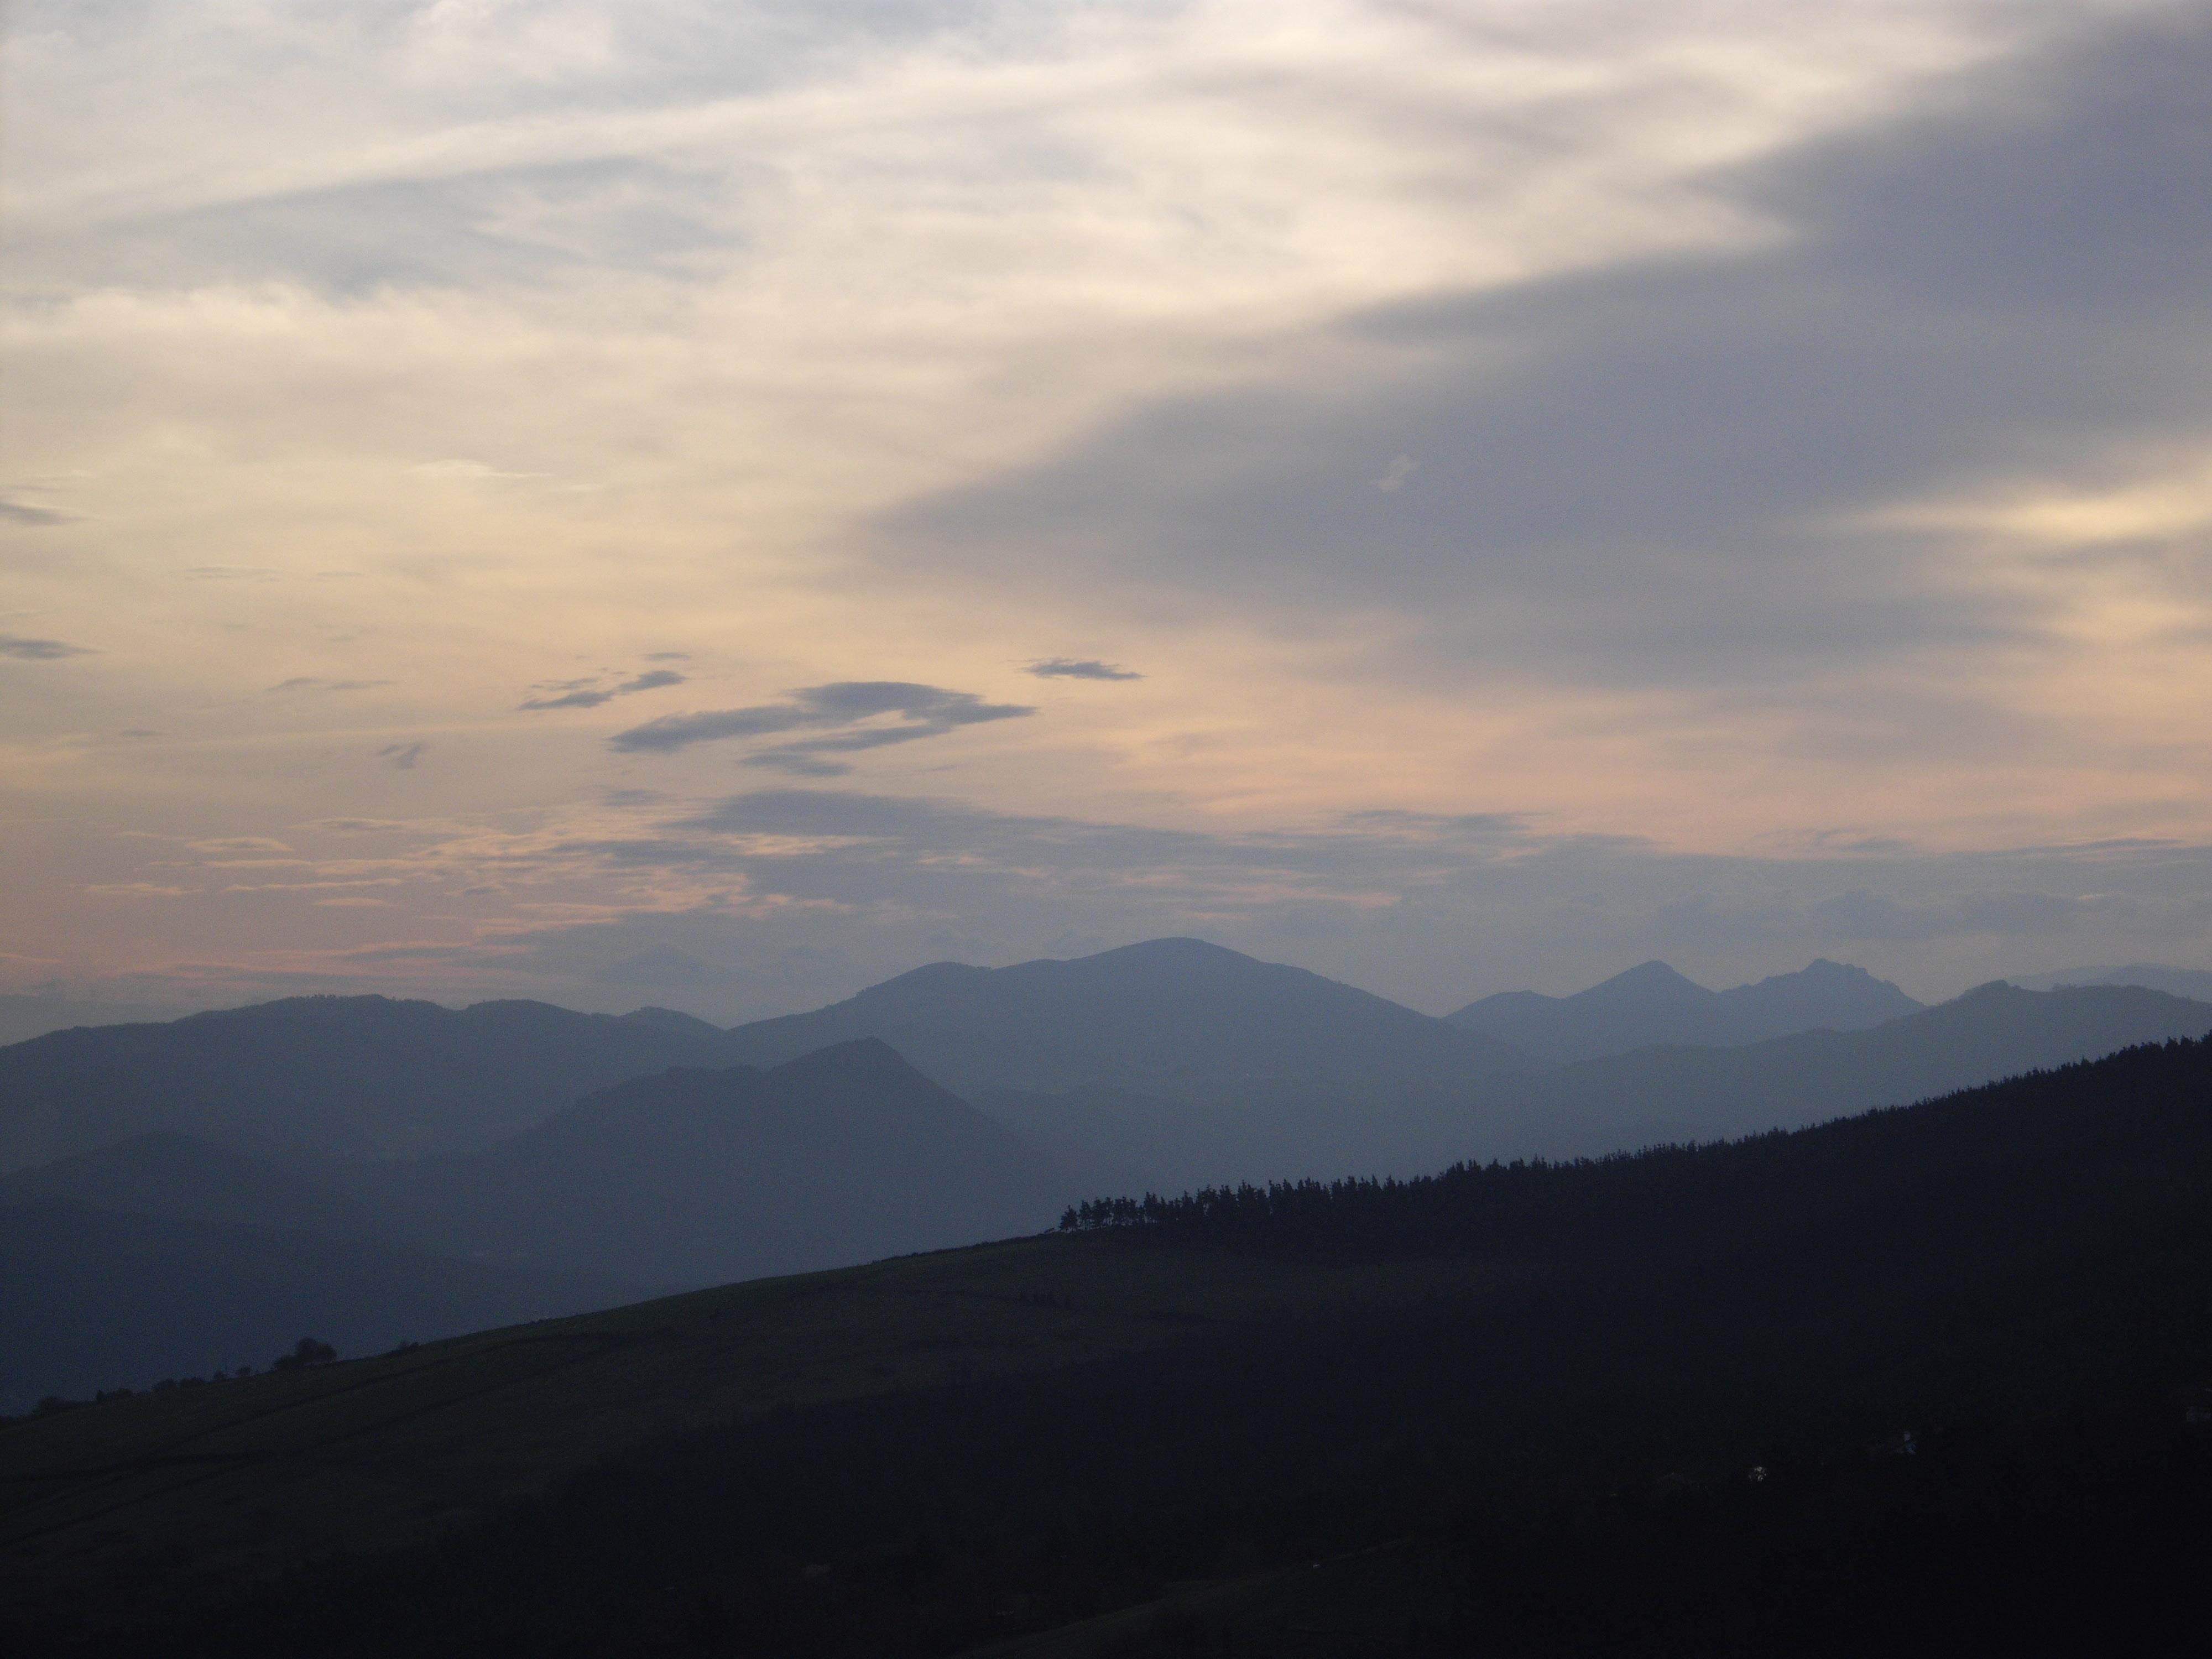 Fotografia obtenida esta mañana desde un punto situado entre Mañu y la cumbre de Sollube